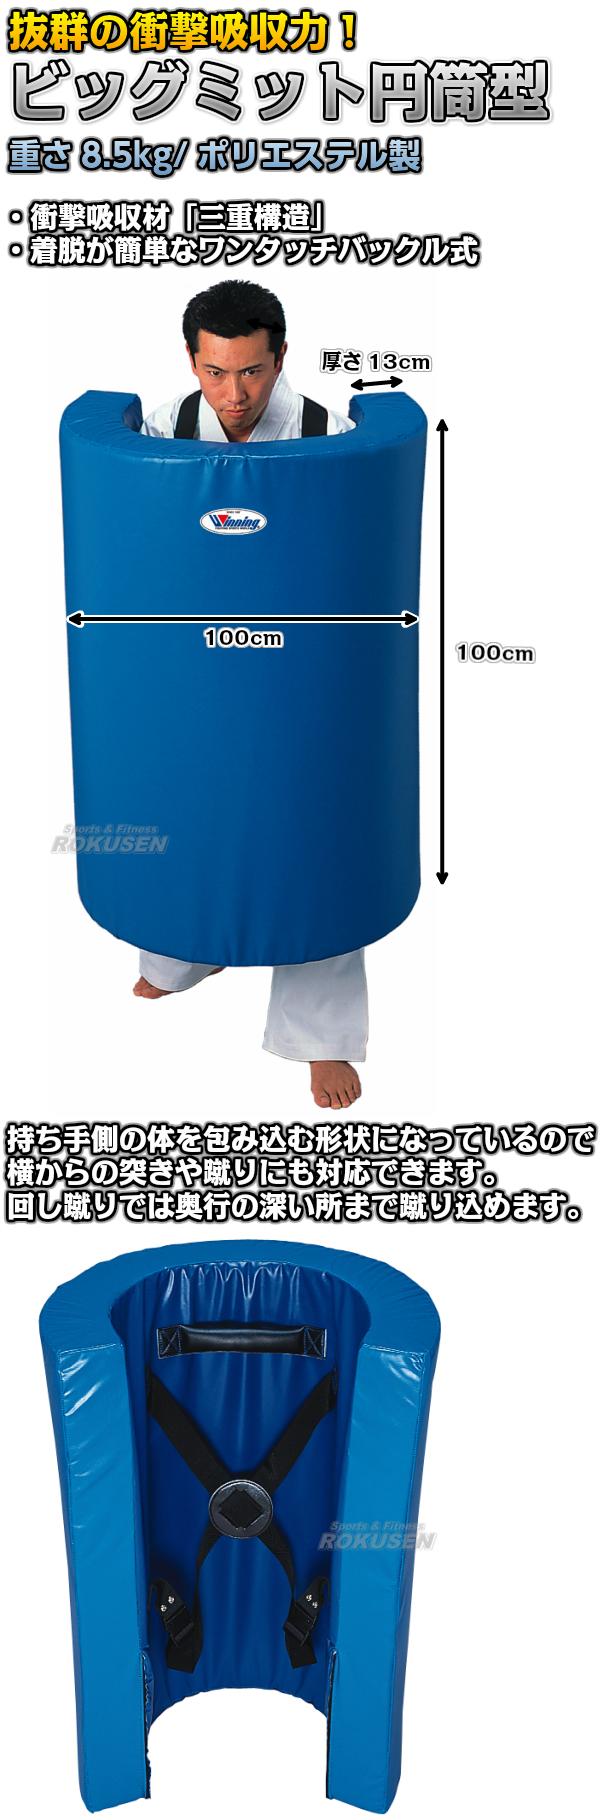 【ウイニング・Winning 格闘技】ビッグミット 円筒型 KB-2308